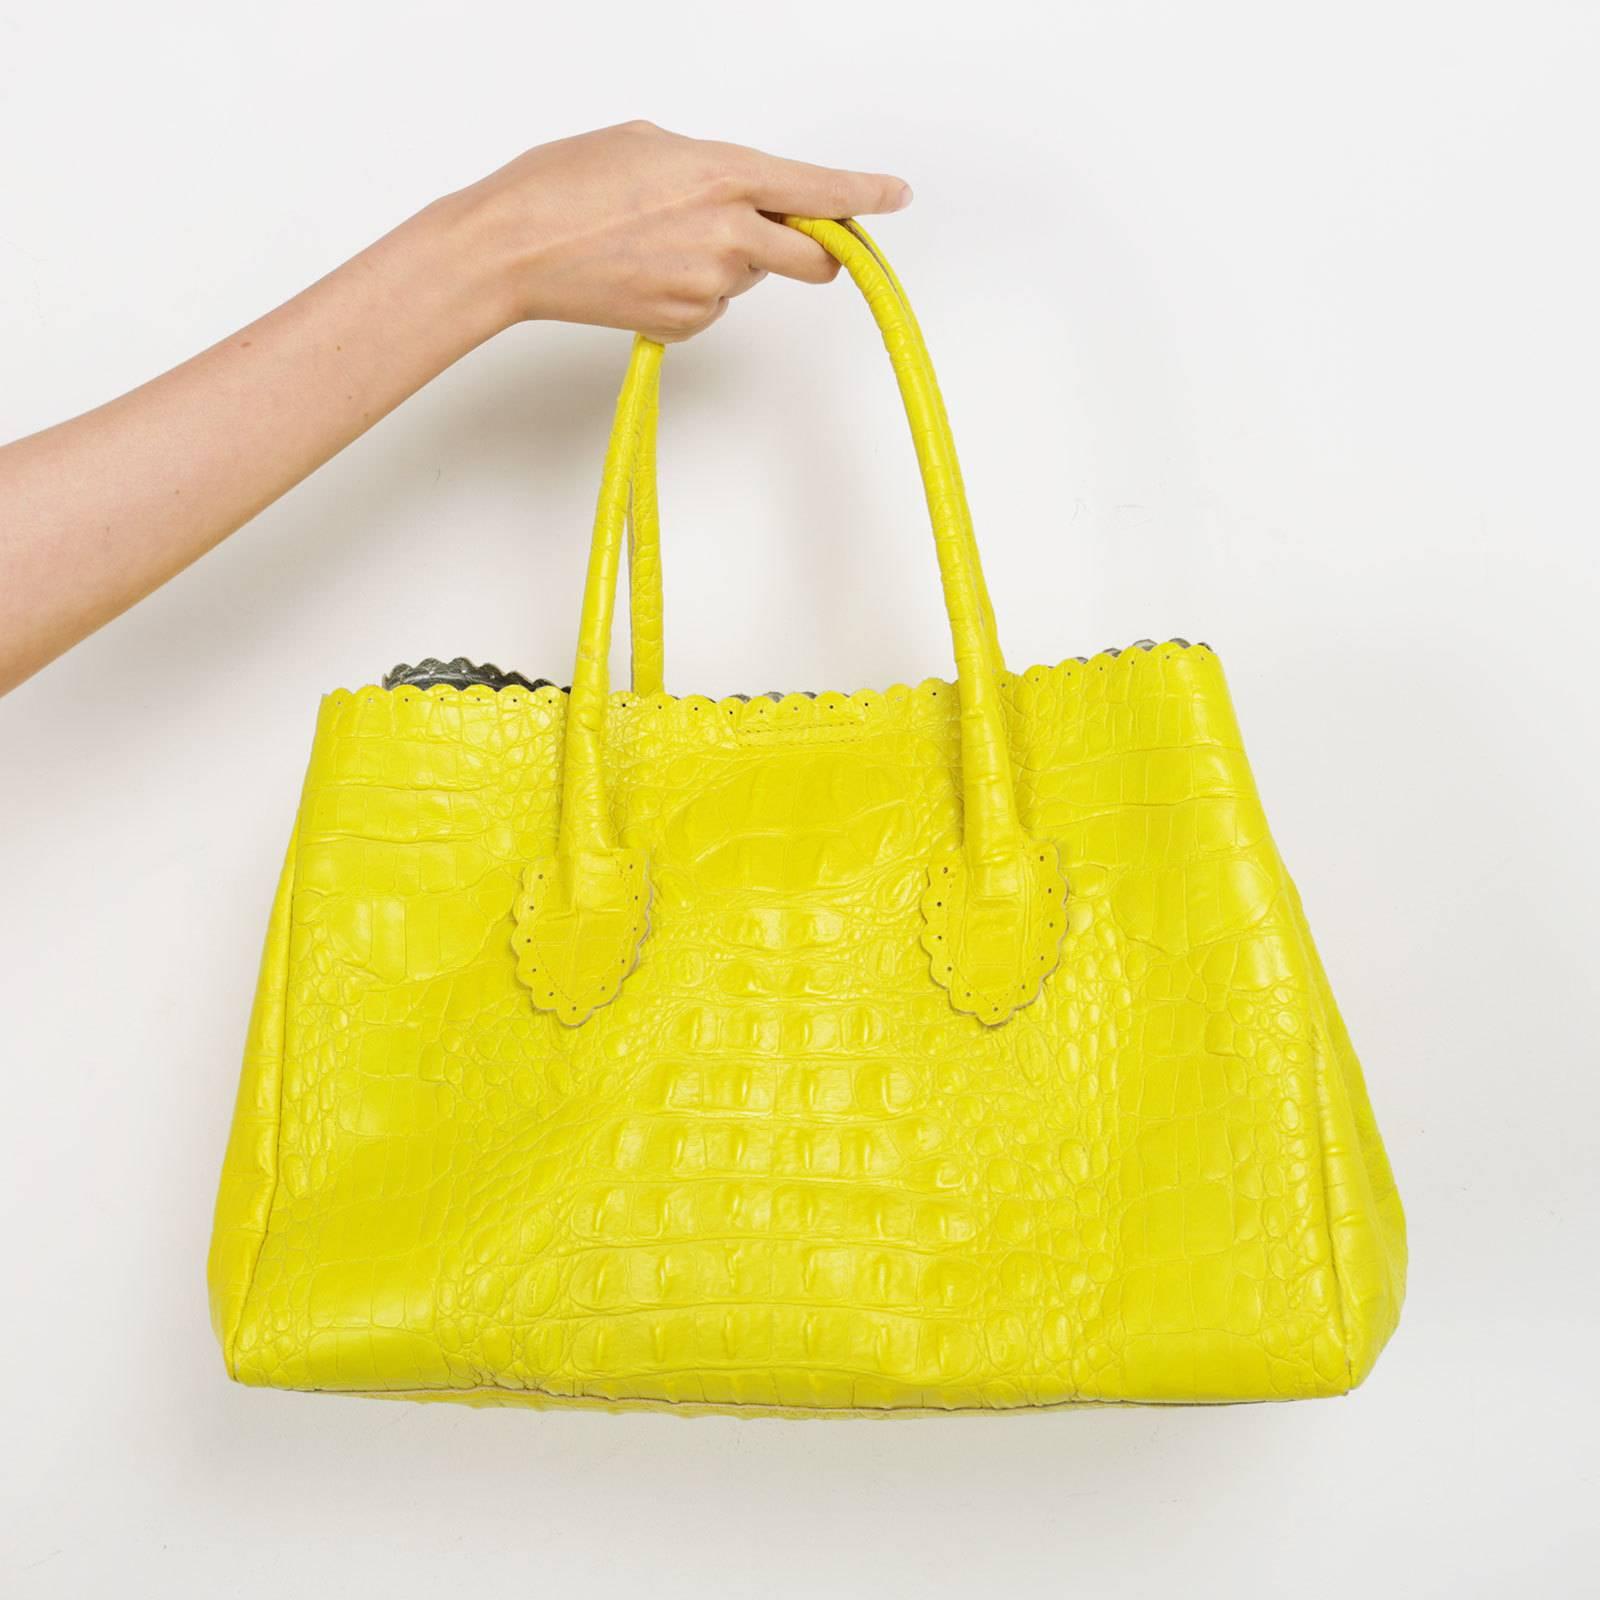 f6d80e31bf62 Купить сумку Furla в Москве с доставкой по цене 5700 рублей | Second ...